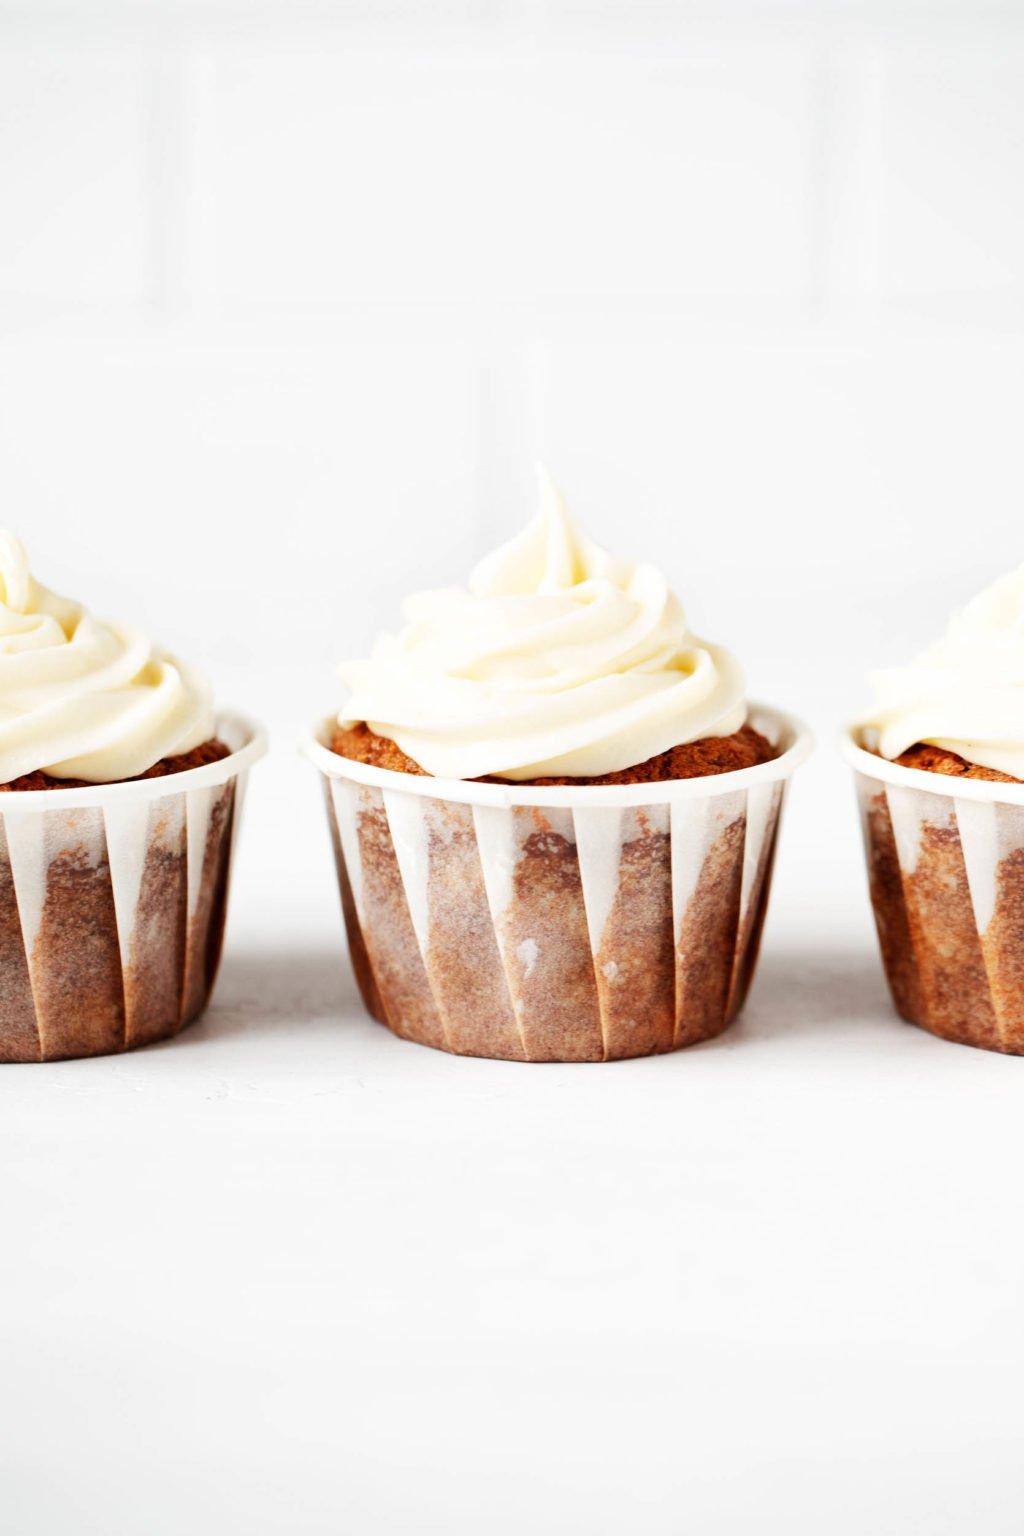 Tres cupcakes veganos, hechos con zanahorias y glaseado de queso crema, están alineados cuidadosamente frente a una superficie de ladrillo blanco.